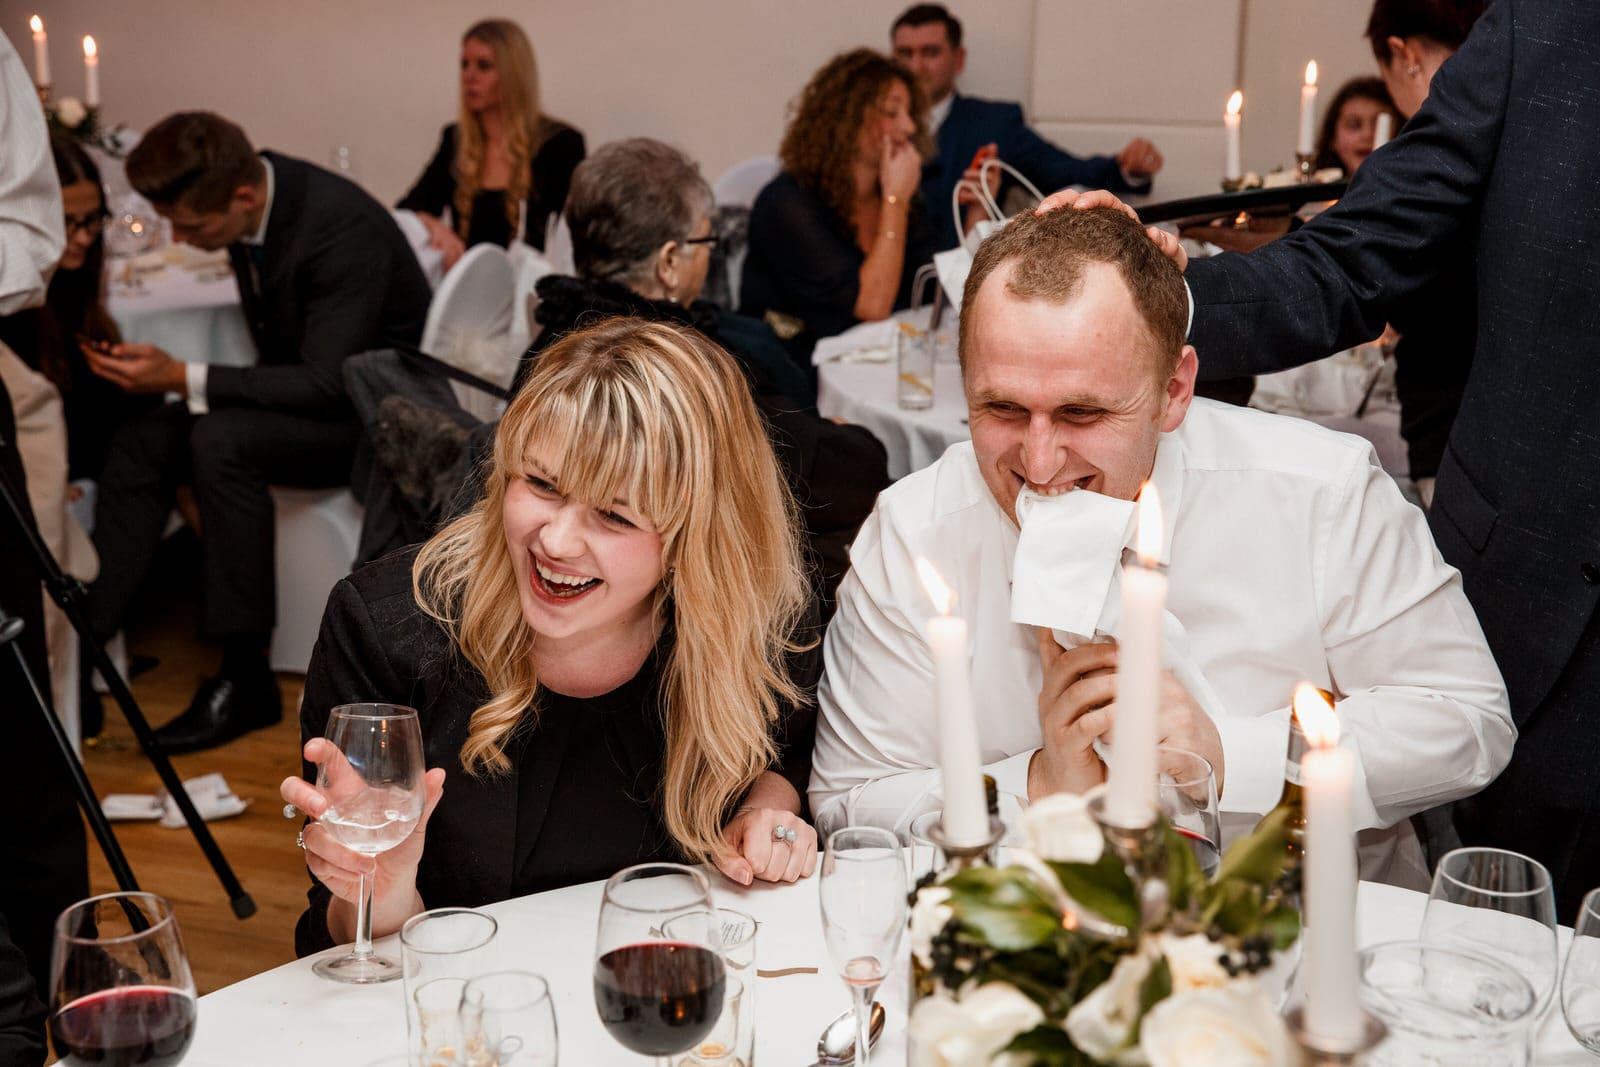 guests joking around at pembroke lodge wedding day